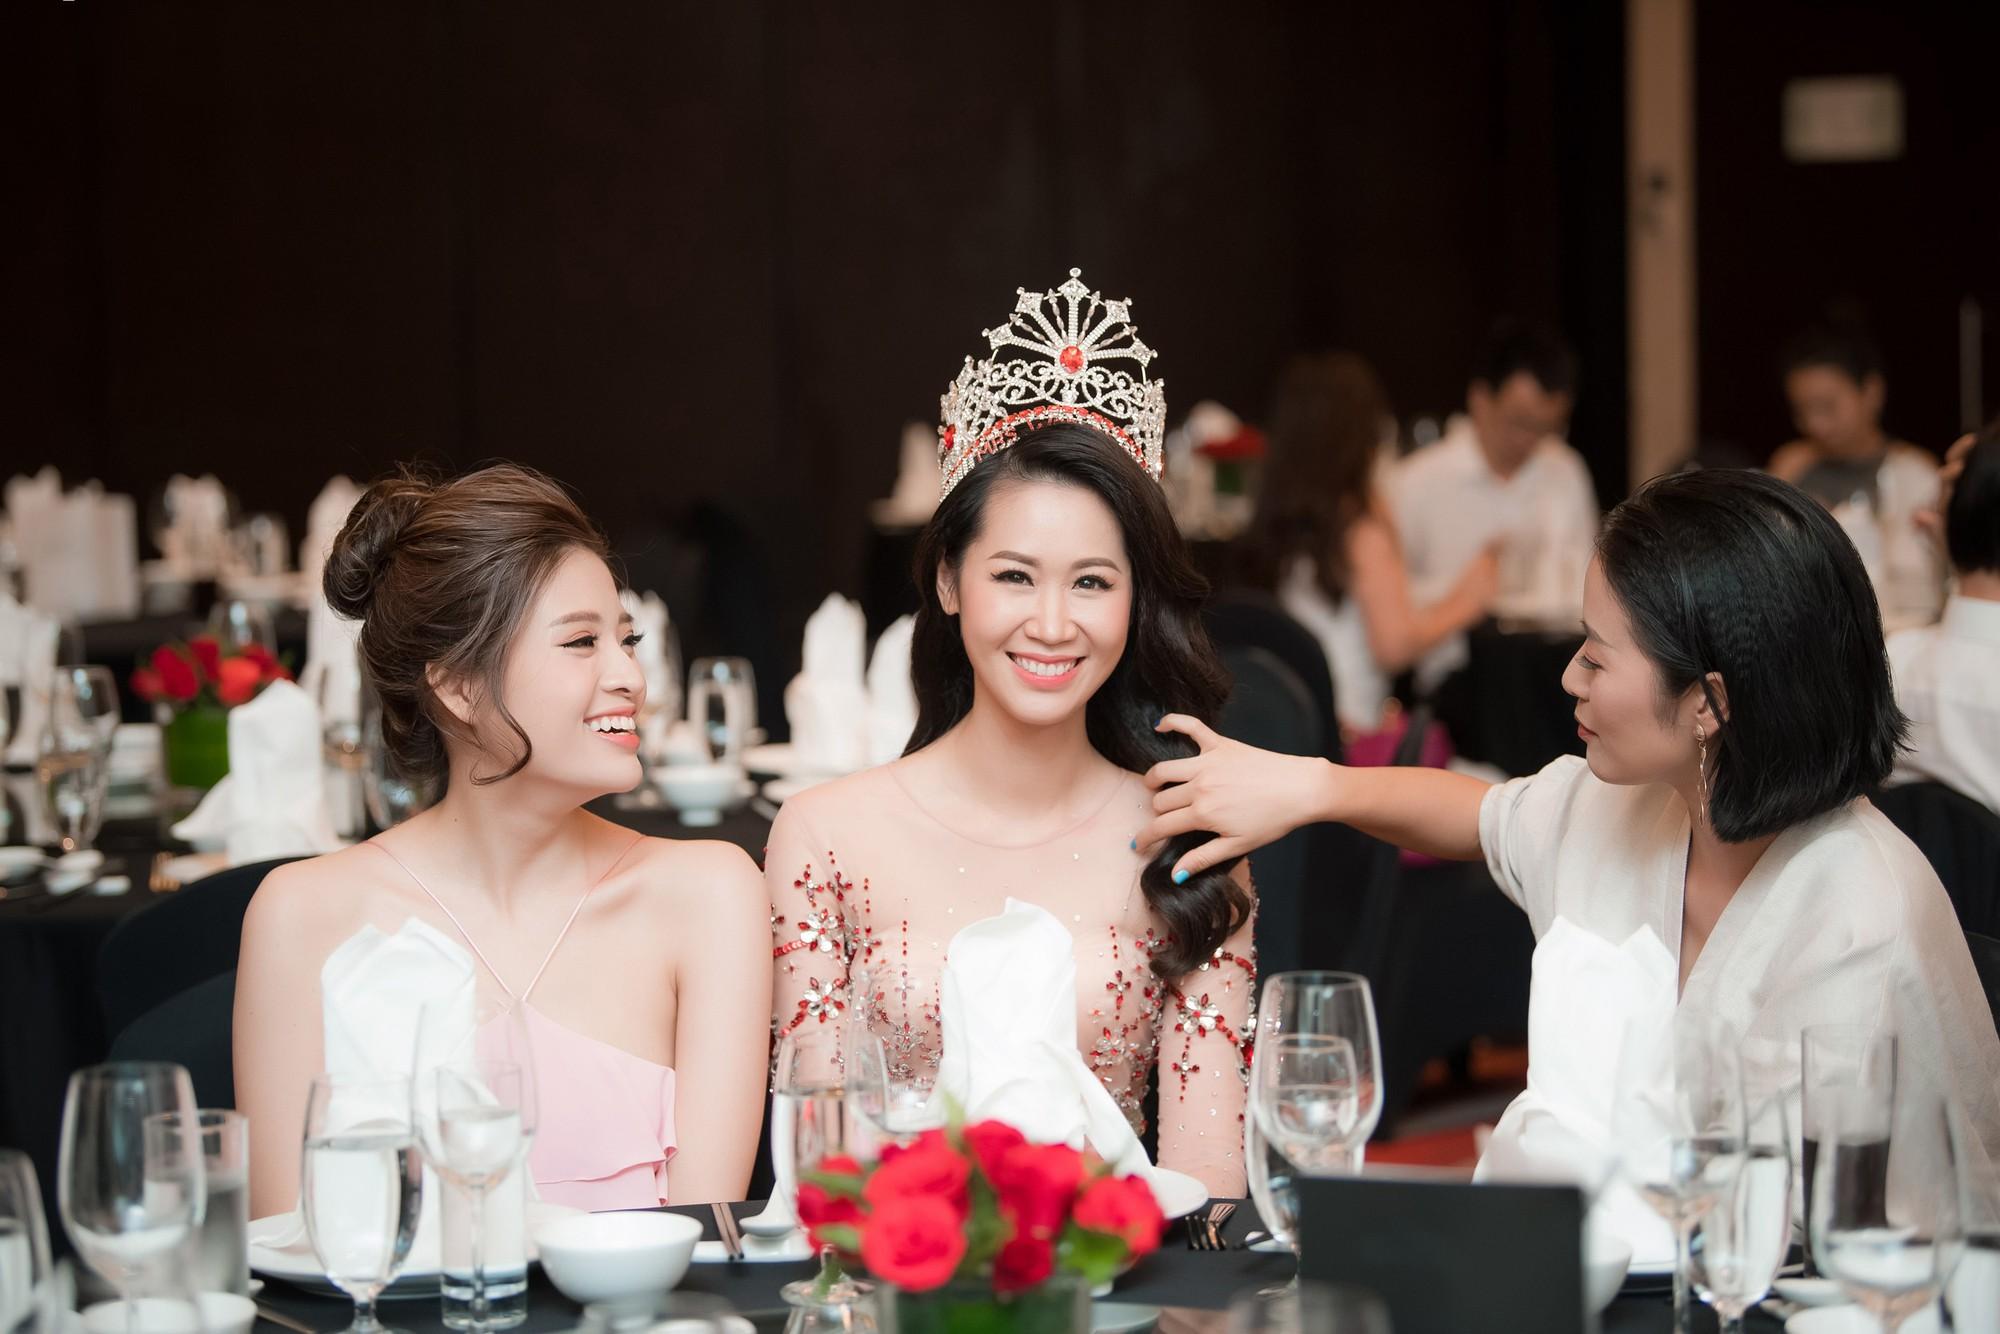 Dương Thùy Linh kể về cái ôm sau cánh gà trước khi được xướng tên Hoa hậu Quý bà toàn thế giới 2018 - Ảnh 12.